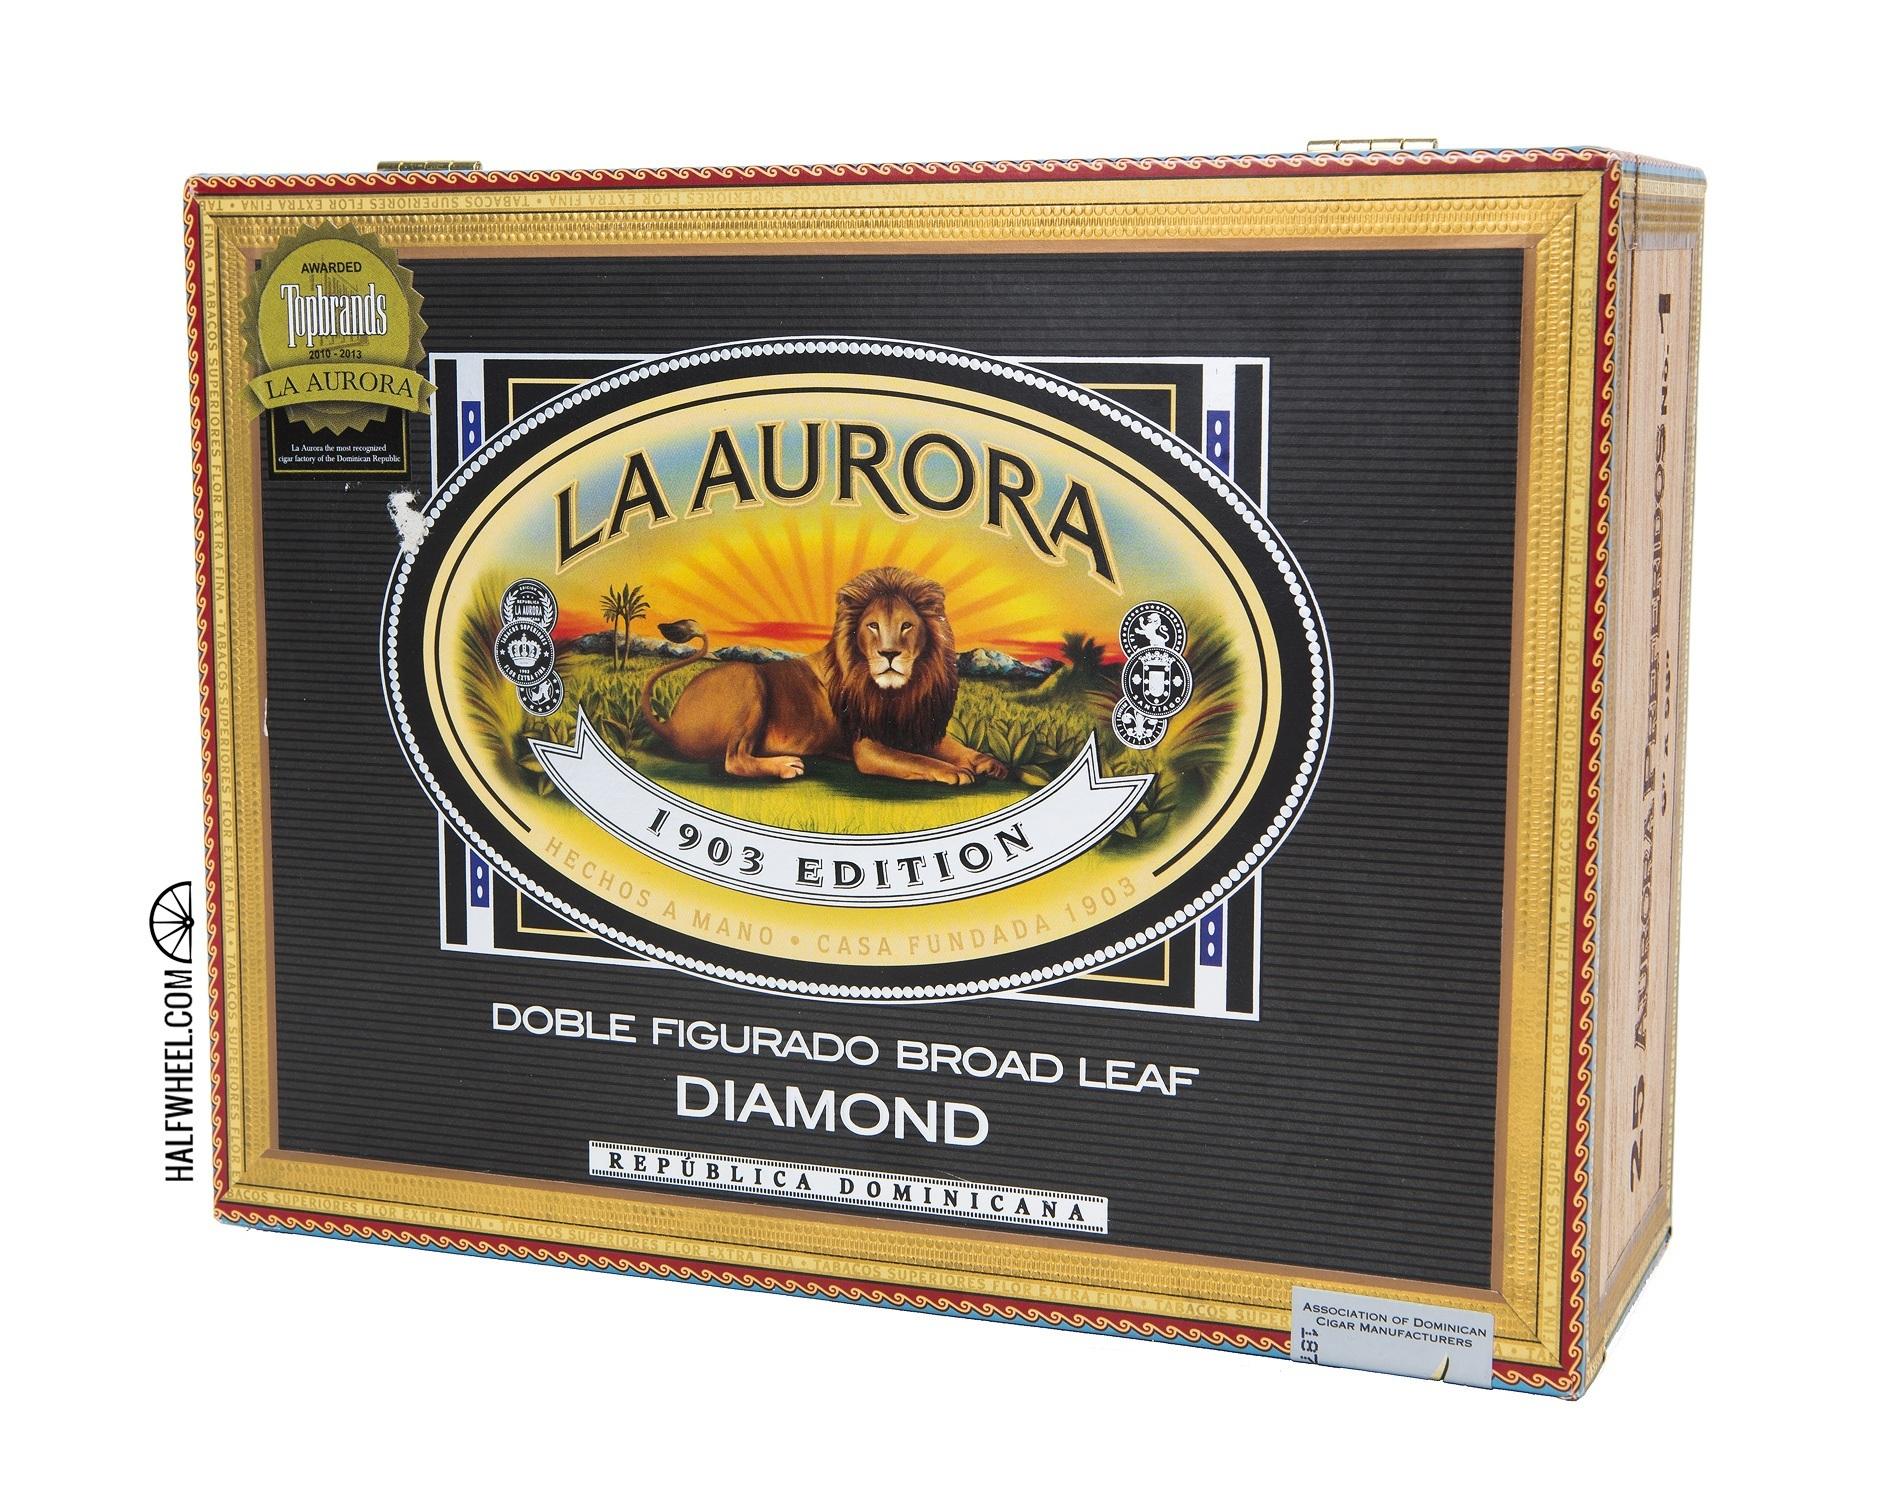 La Aurora Preferidos Diamond No 1 Box